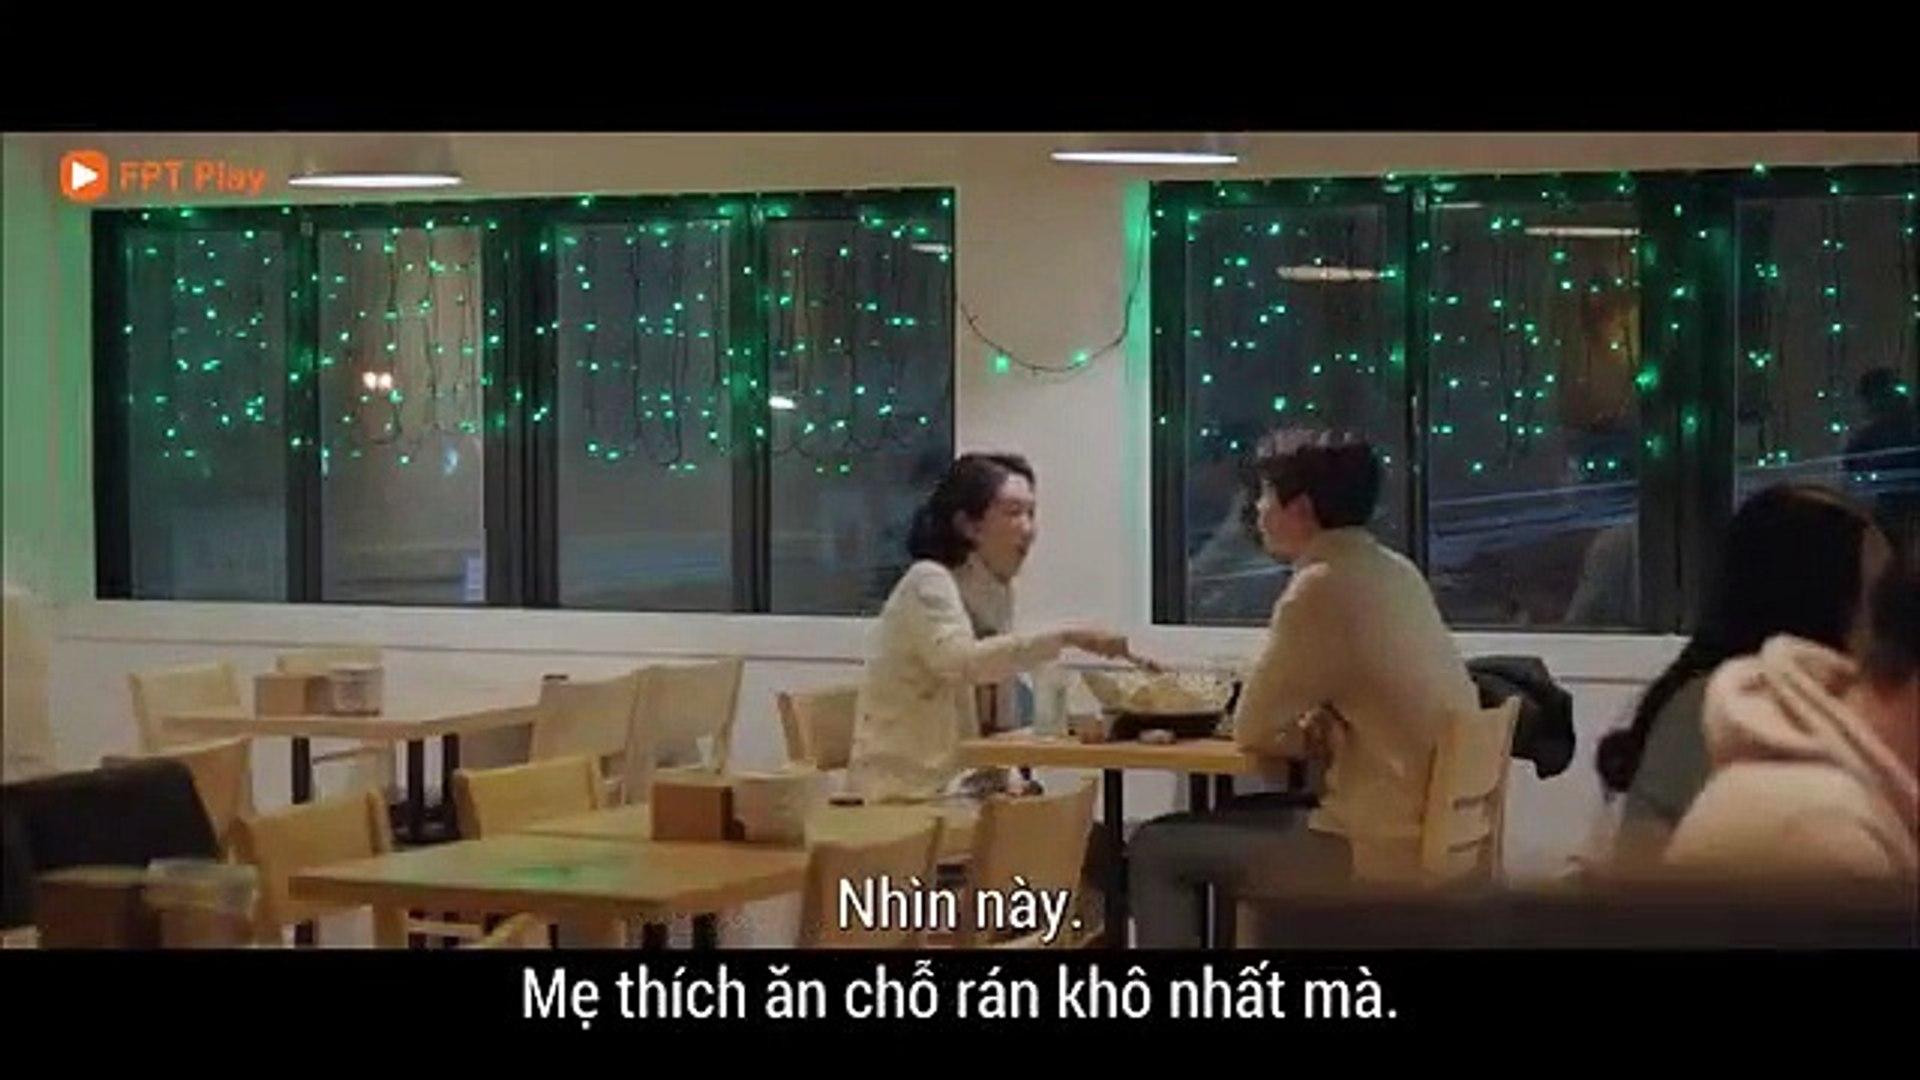 Bạn Trai Tập 22 - HTV2 Lồng Tiếng- Phim Hàn Quốc - Phim Ban Trai Tap 23 - Phim Ban Trai Tap 22